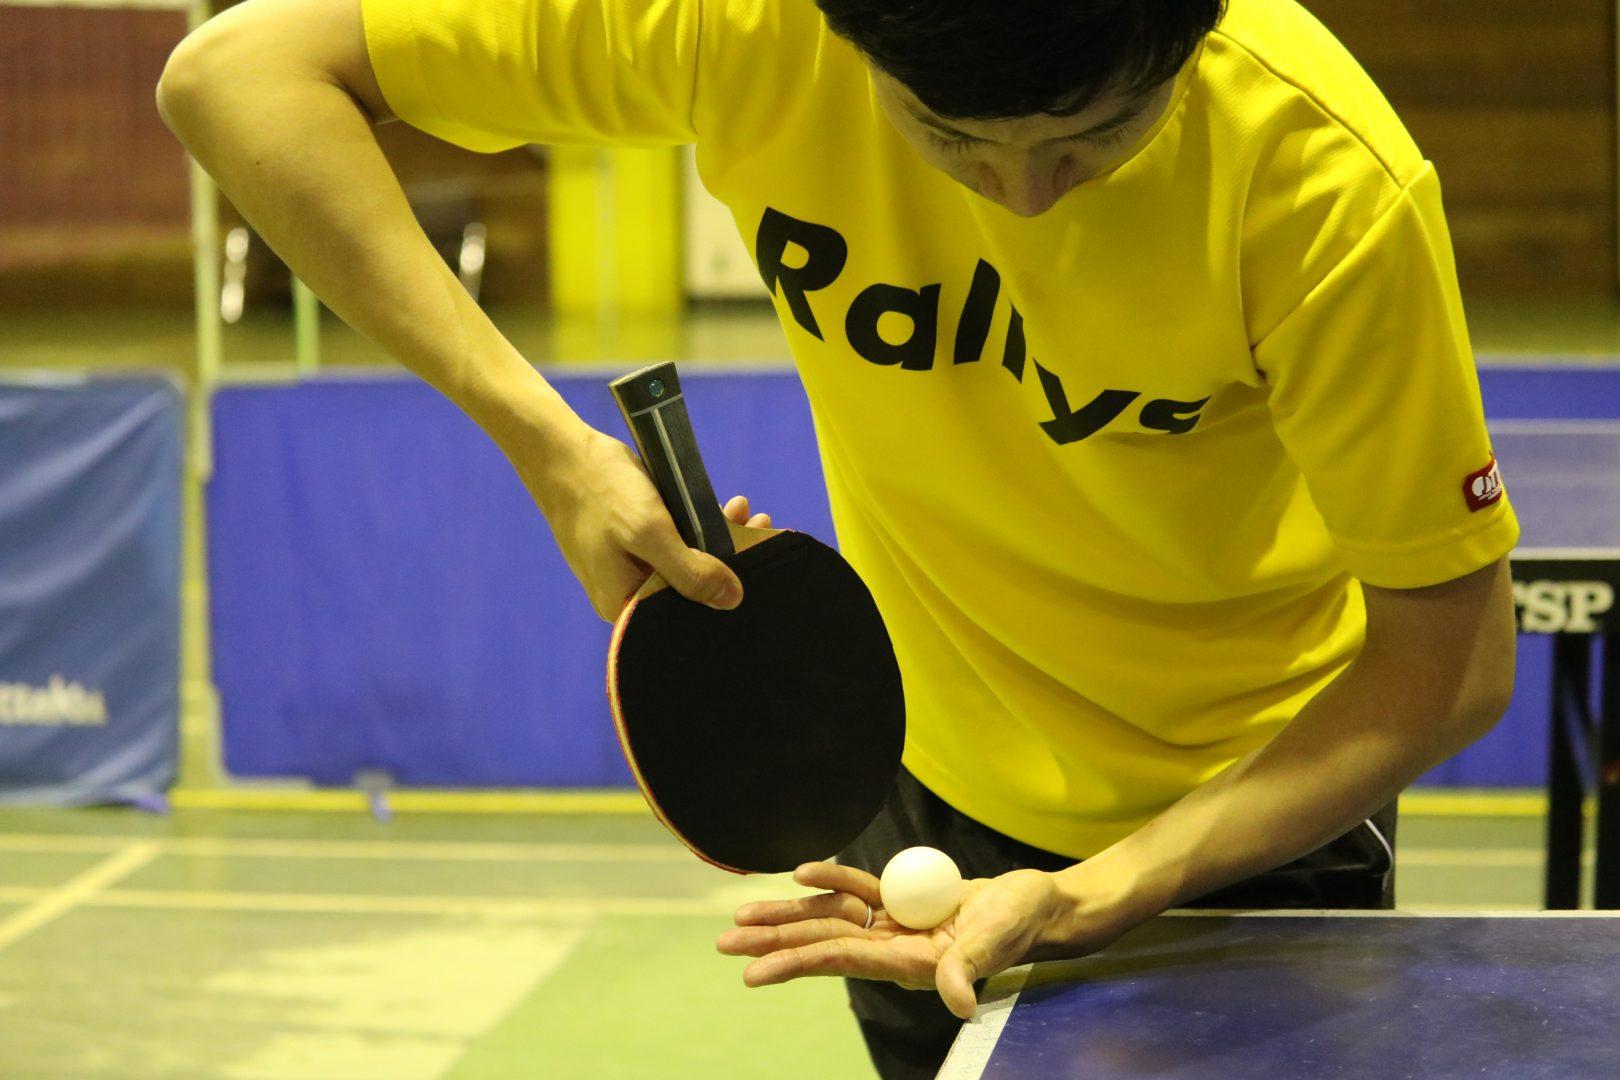 【初心者必見】伸びる上回転を出す為の練習方法|卓球基本技術レッスン